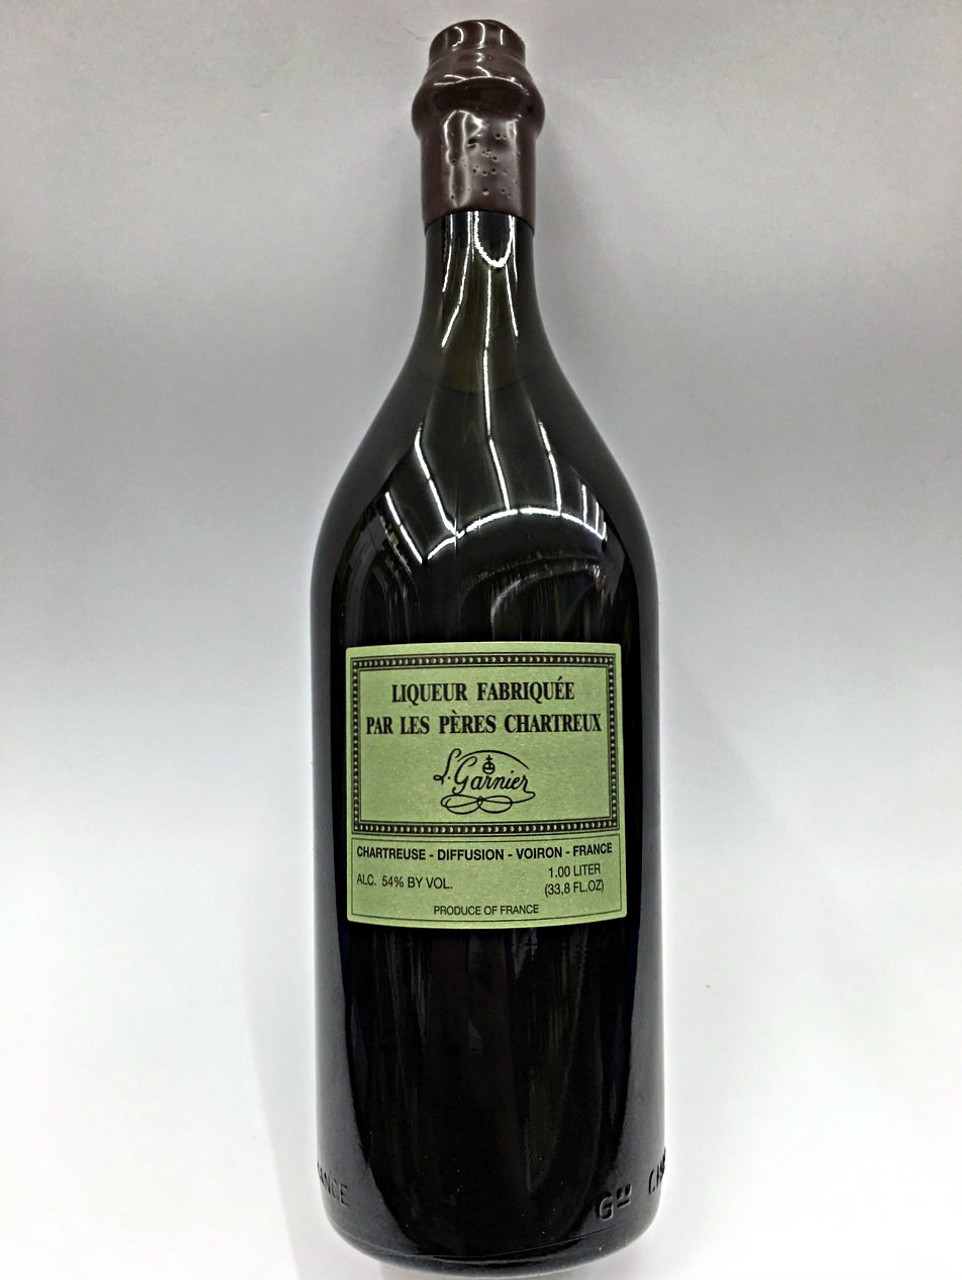 Chartreuse V E P Green Liqueur Fabriquee Par Les Peres